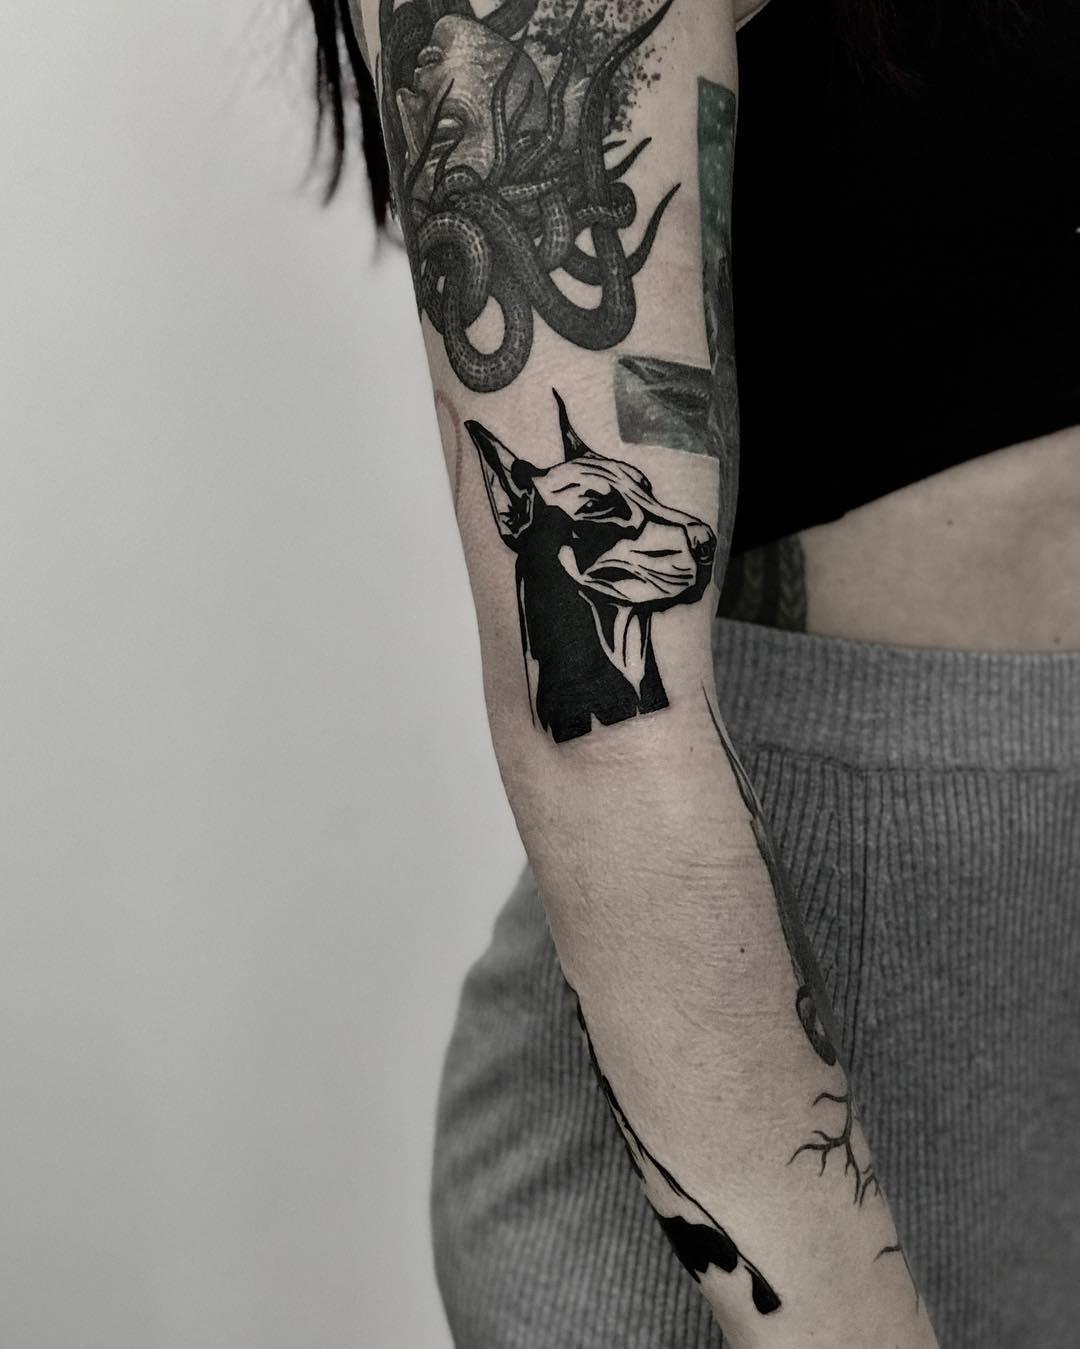 Blackwork doberman tattoo by Krzysztof Szeszko